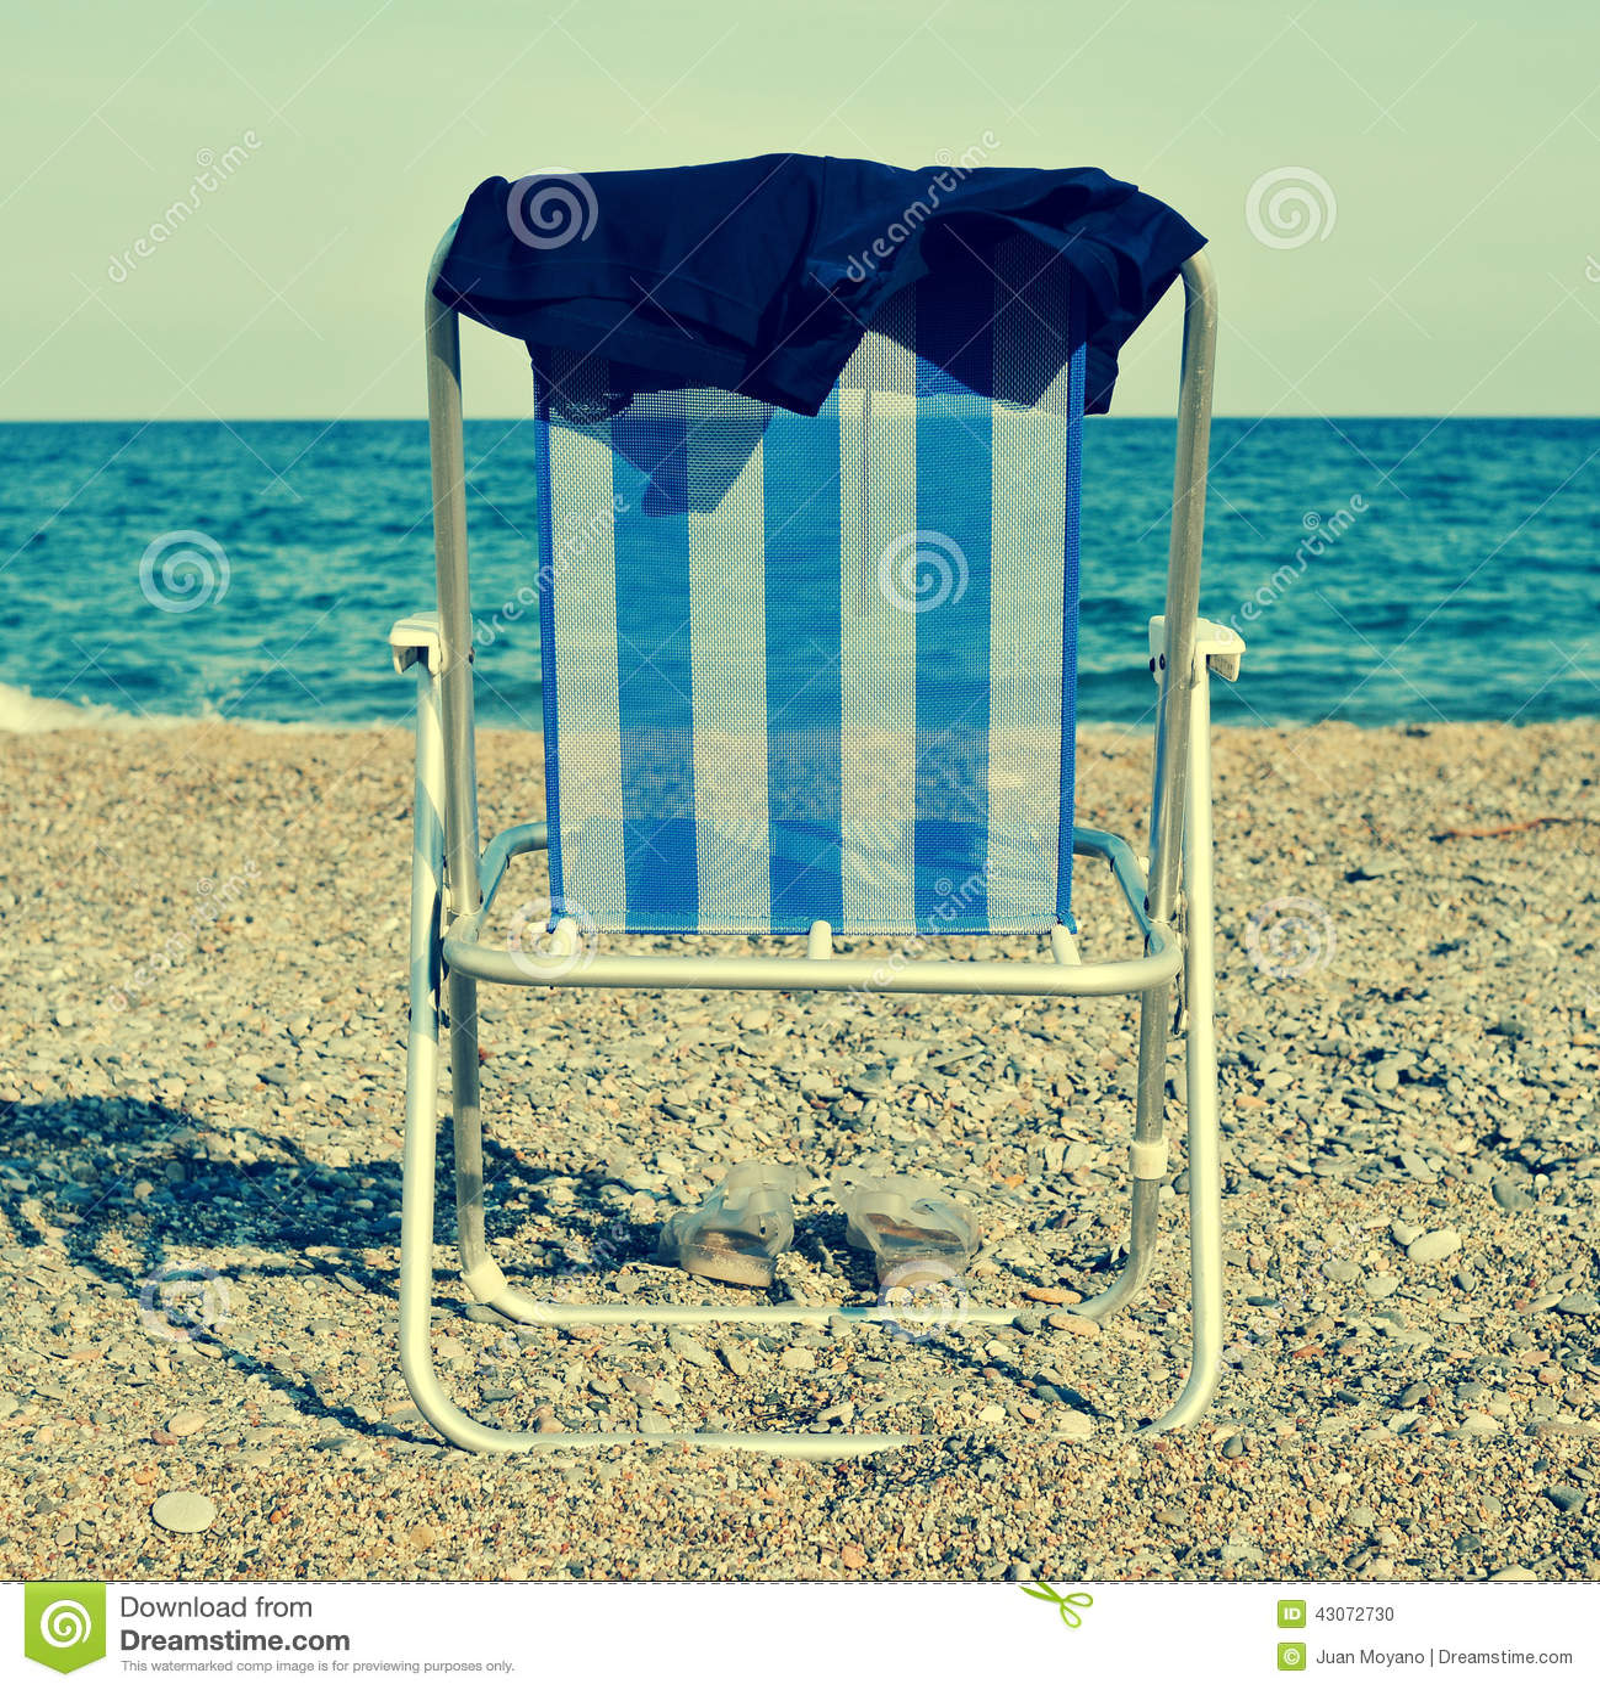 Deckchair и купальник человека на пляже, с ретро влиянием